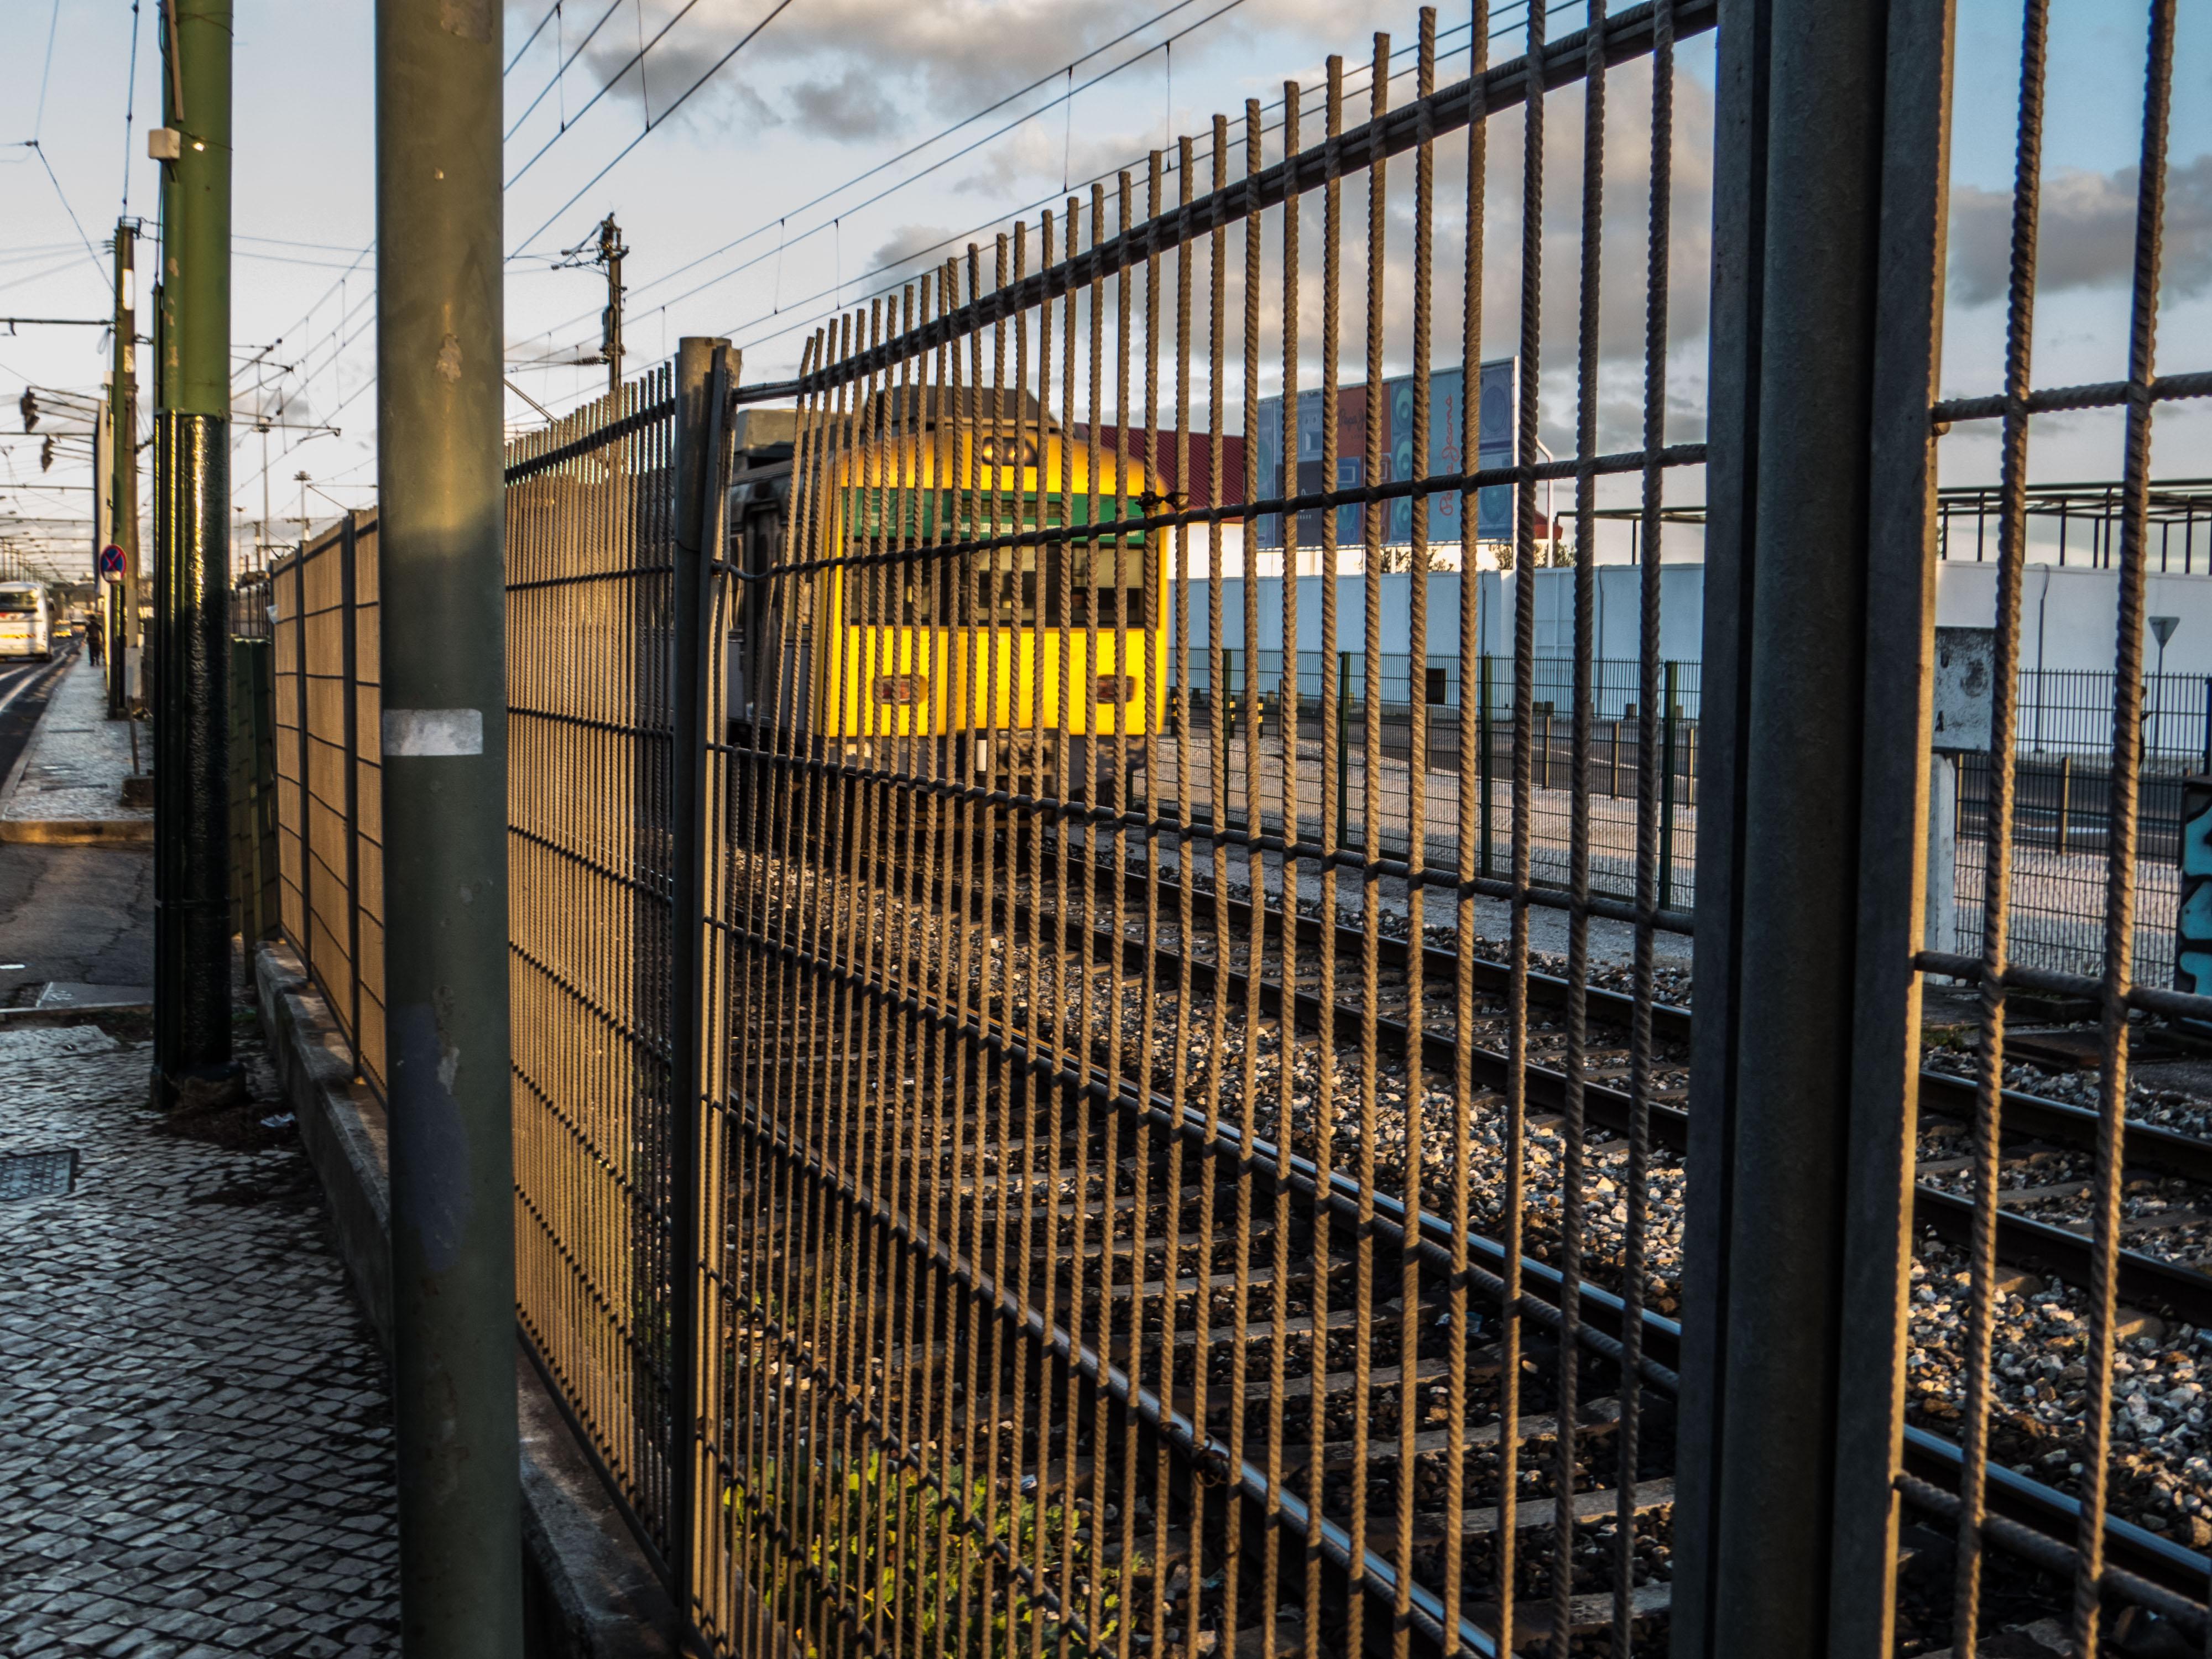 Metallic world, Rusty, Train, Urban, Used, HQ Photo